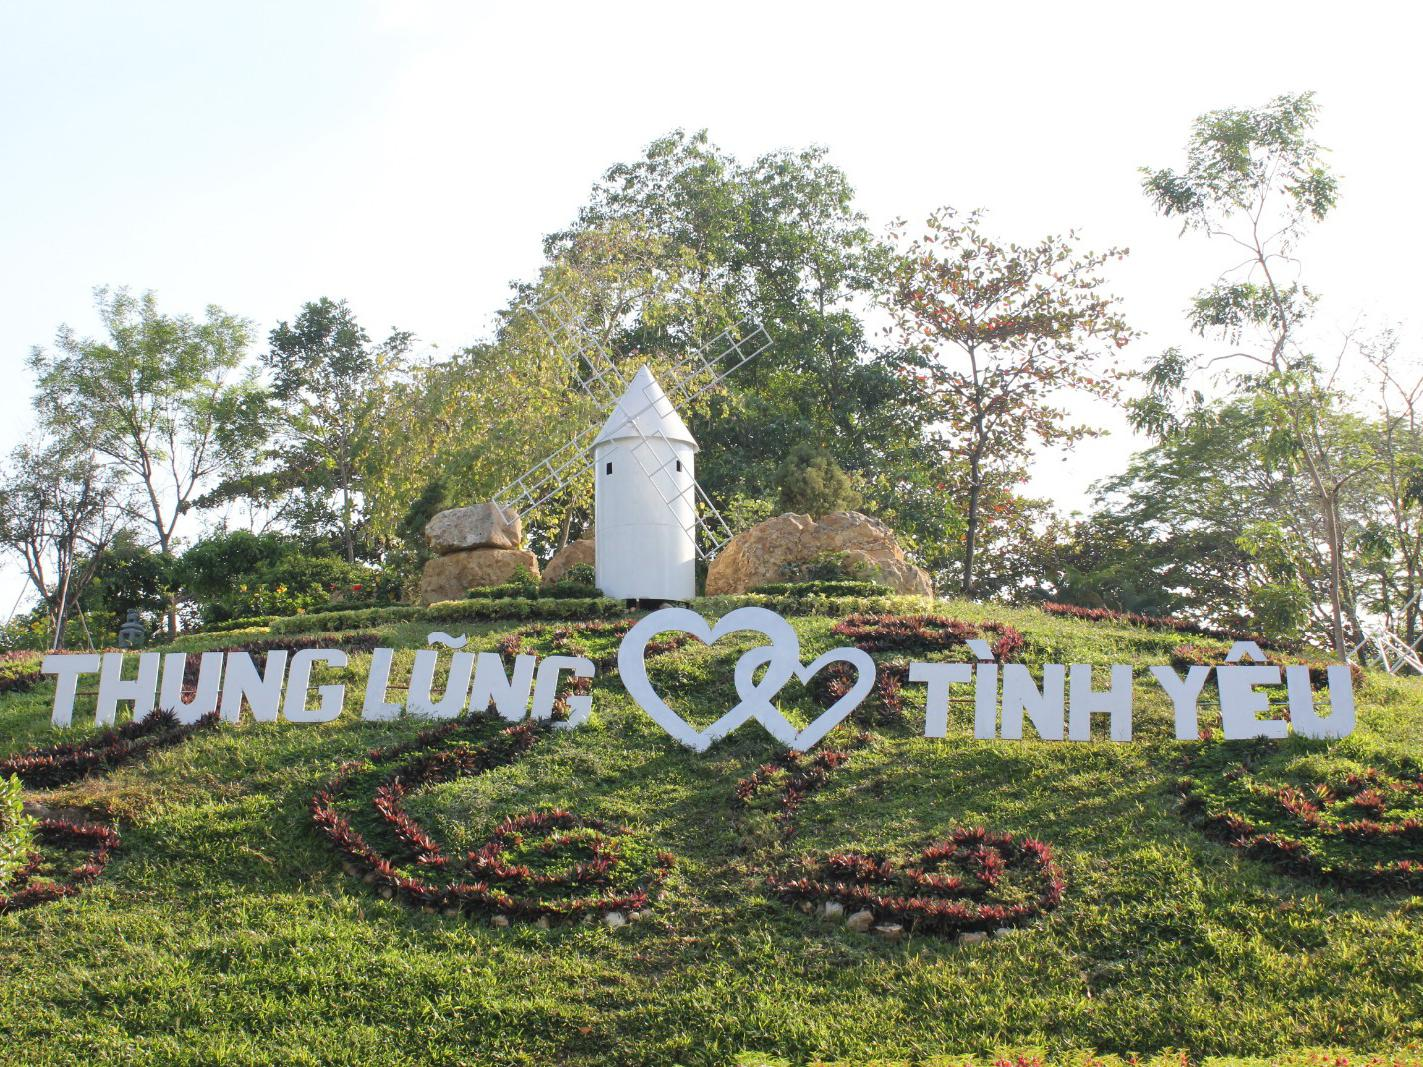 thung-lung-tinh-yeu